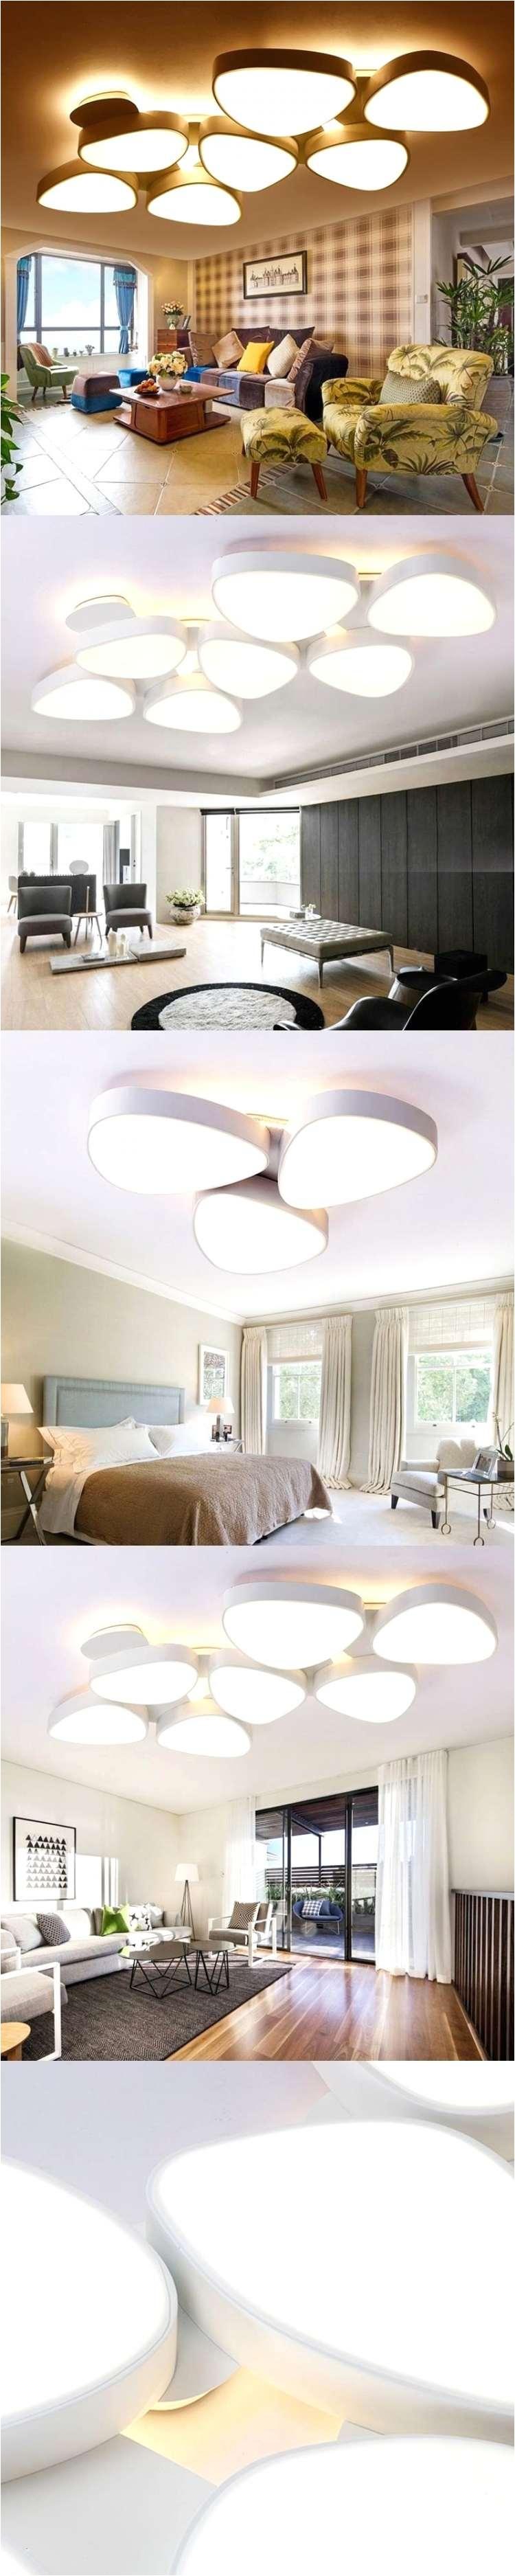 Recessed Light Speaker 38 Classy Recessed Ceiling Light Impression Ceiling Furniture